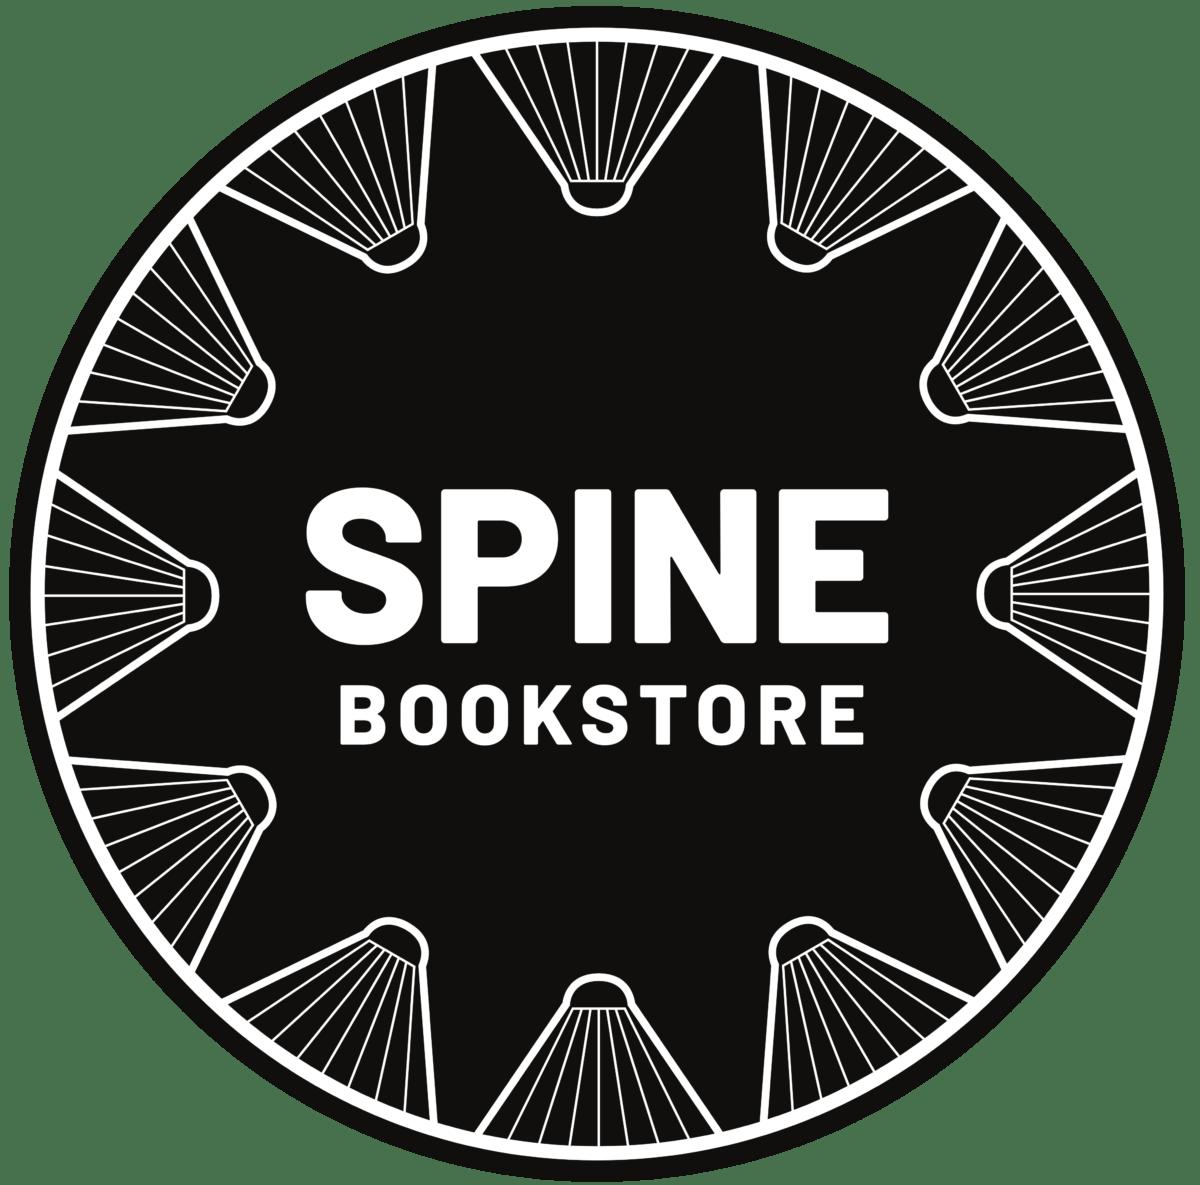 Spine Bookstore